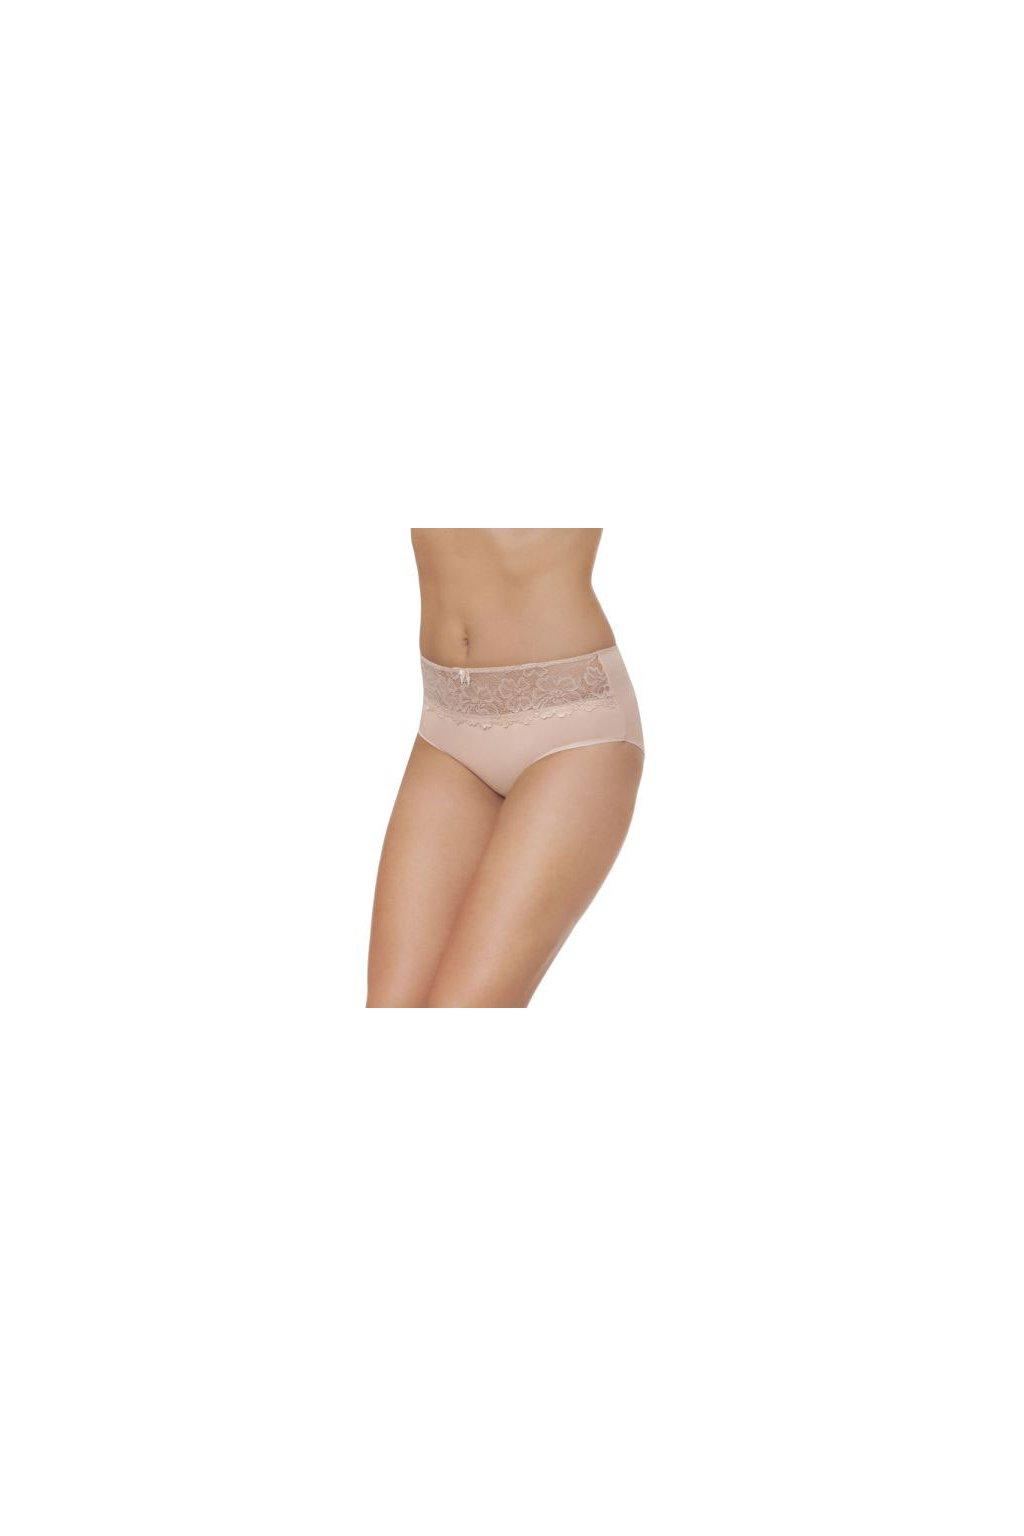 Dámské kalhotky, 100133 384, béžová